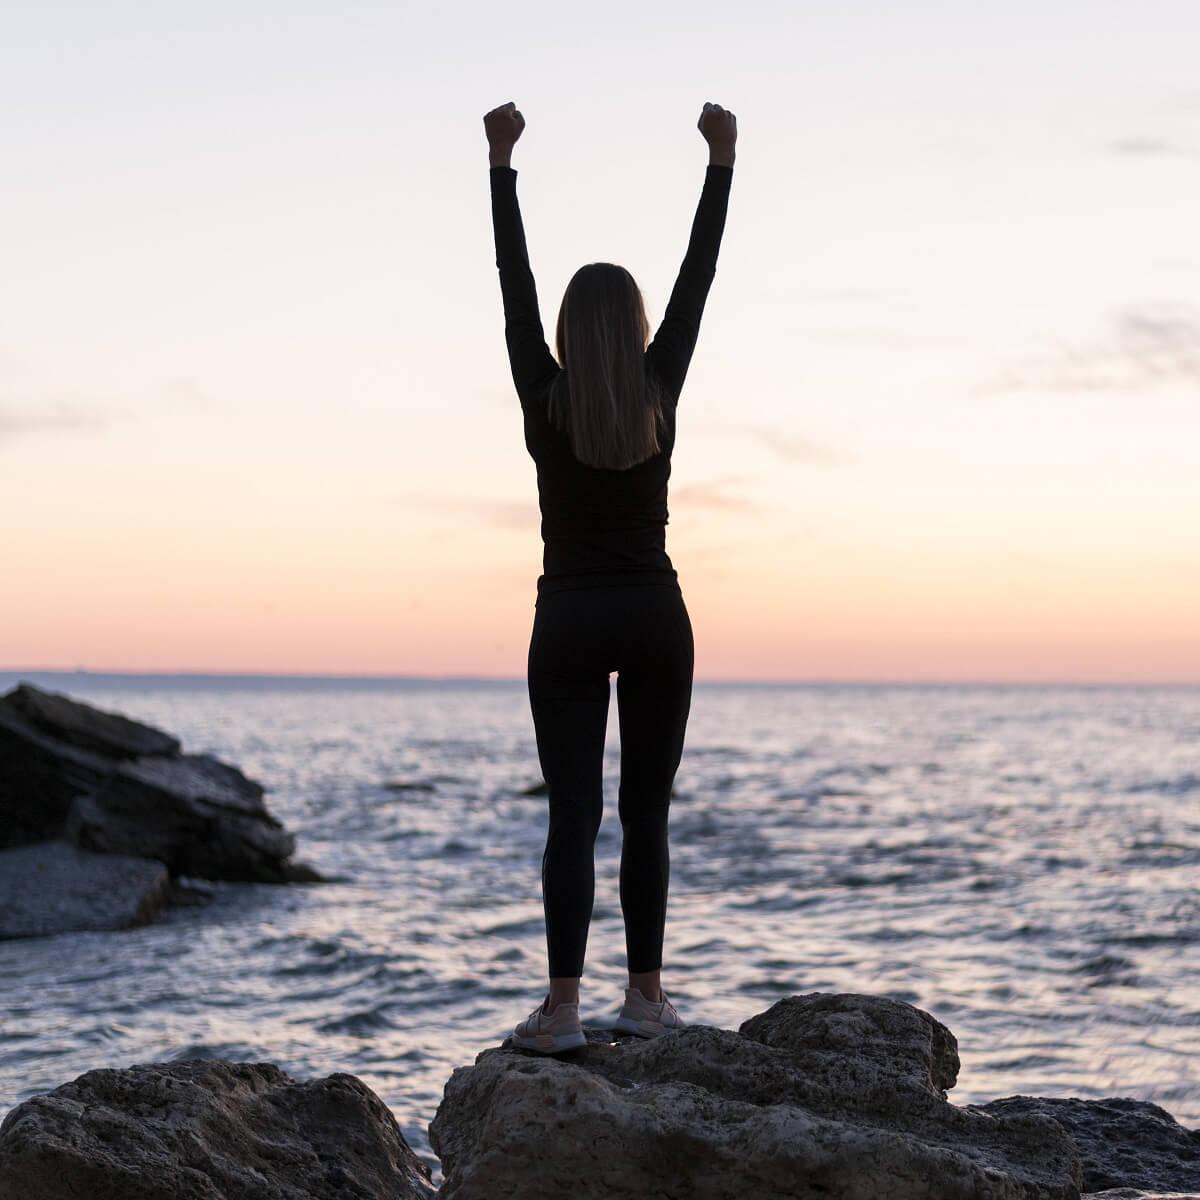 女性が夕方に海岸で伸びをしている様子。